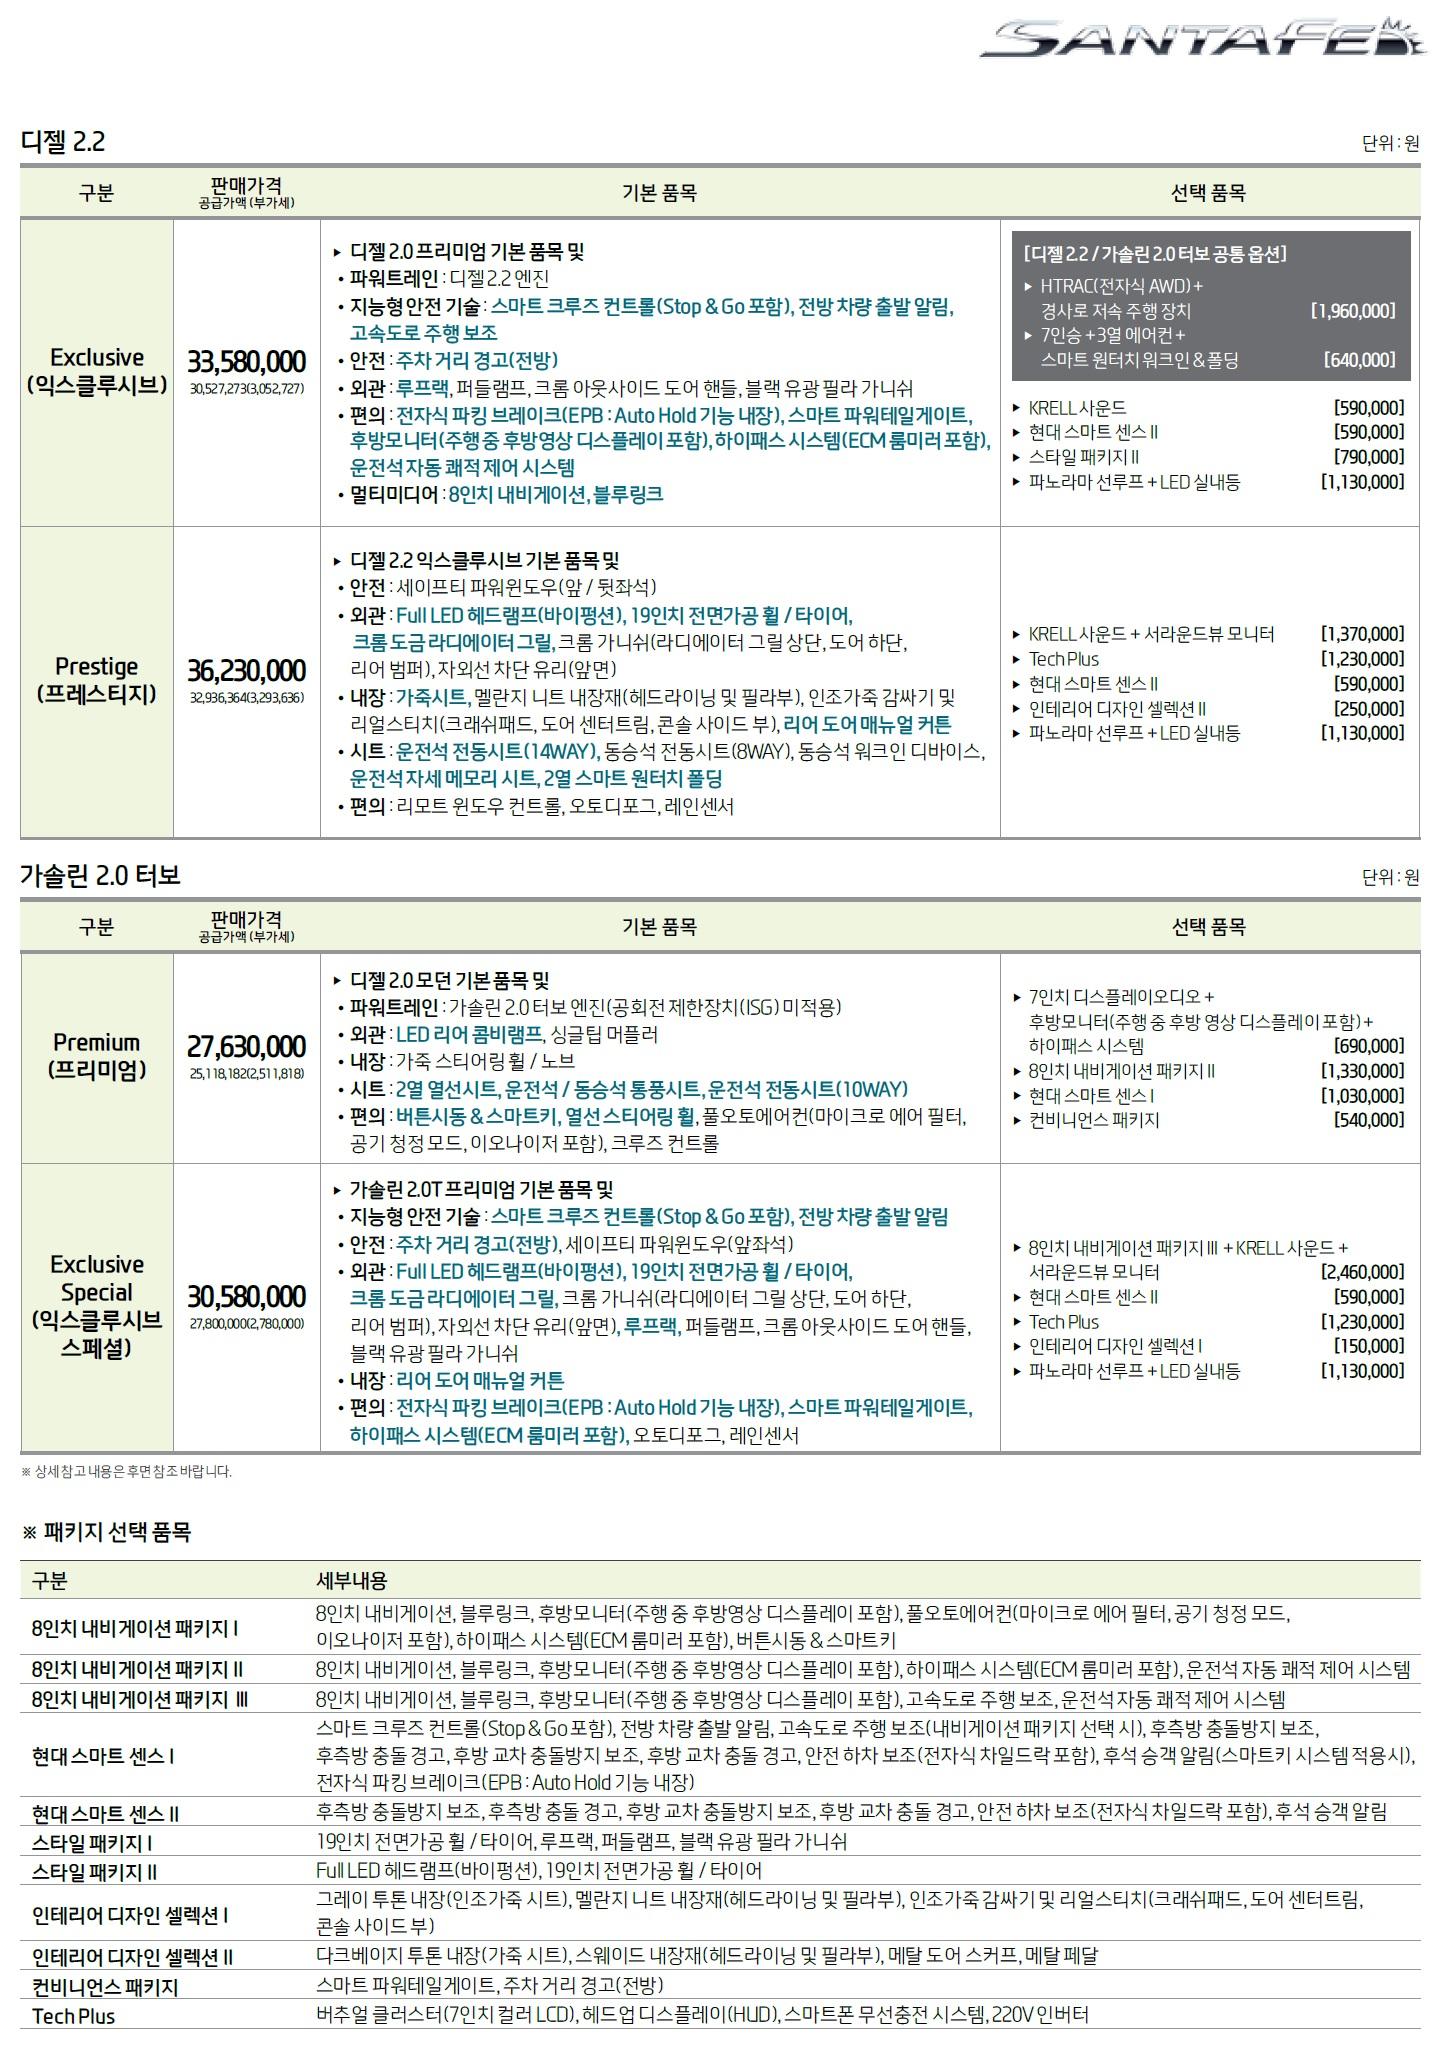 싼타페TM 가격표 - 2019년 01월 -2.jpg